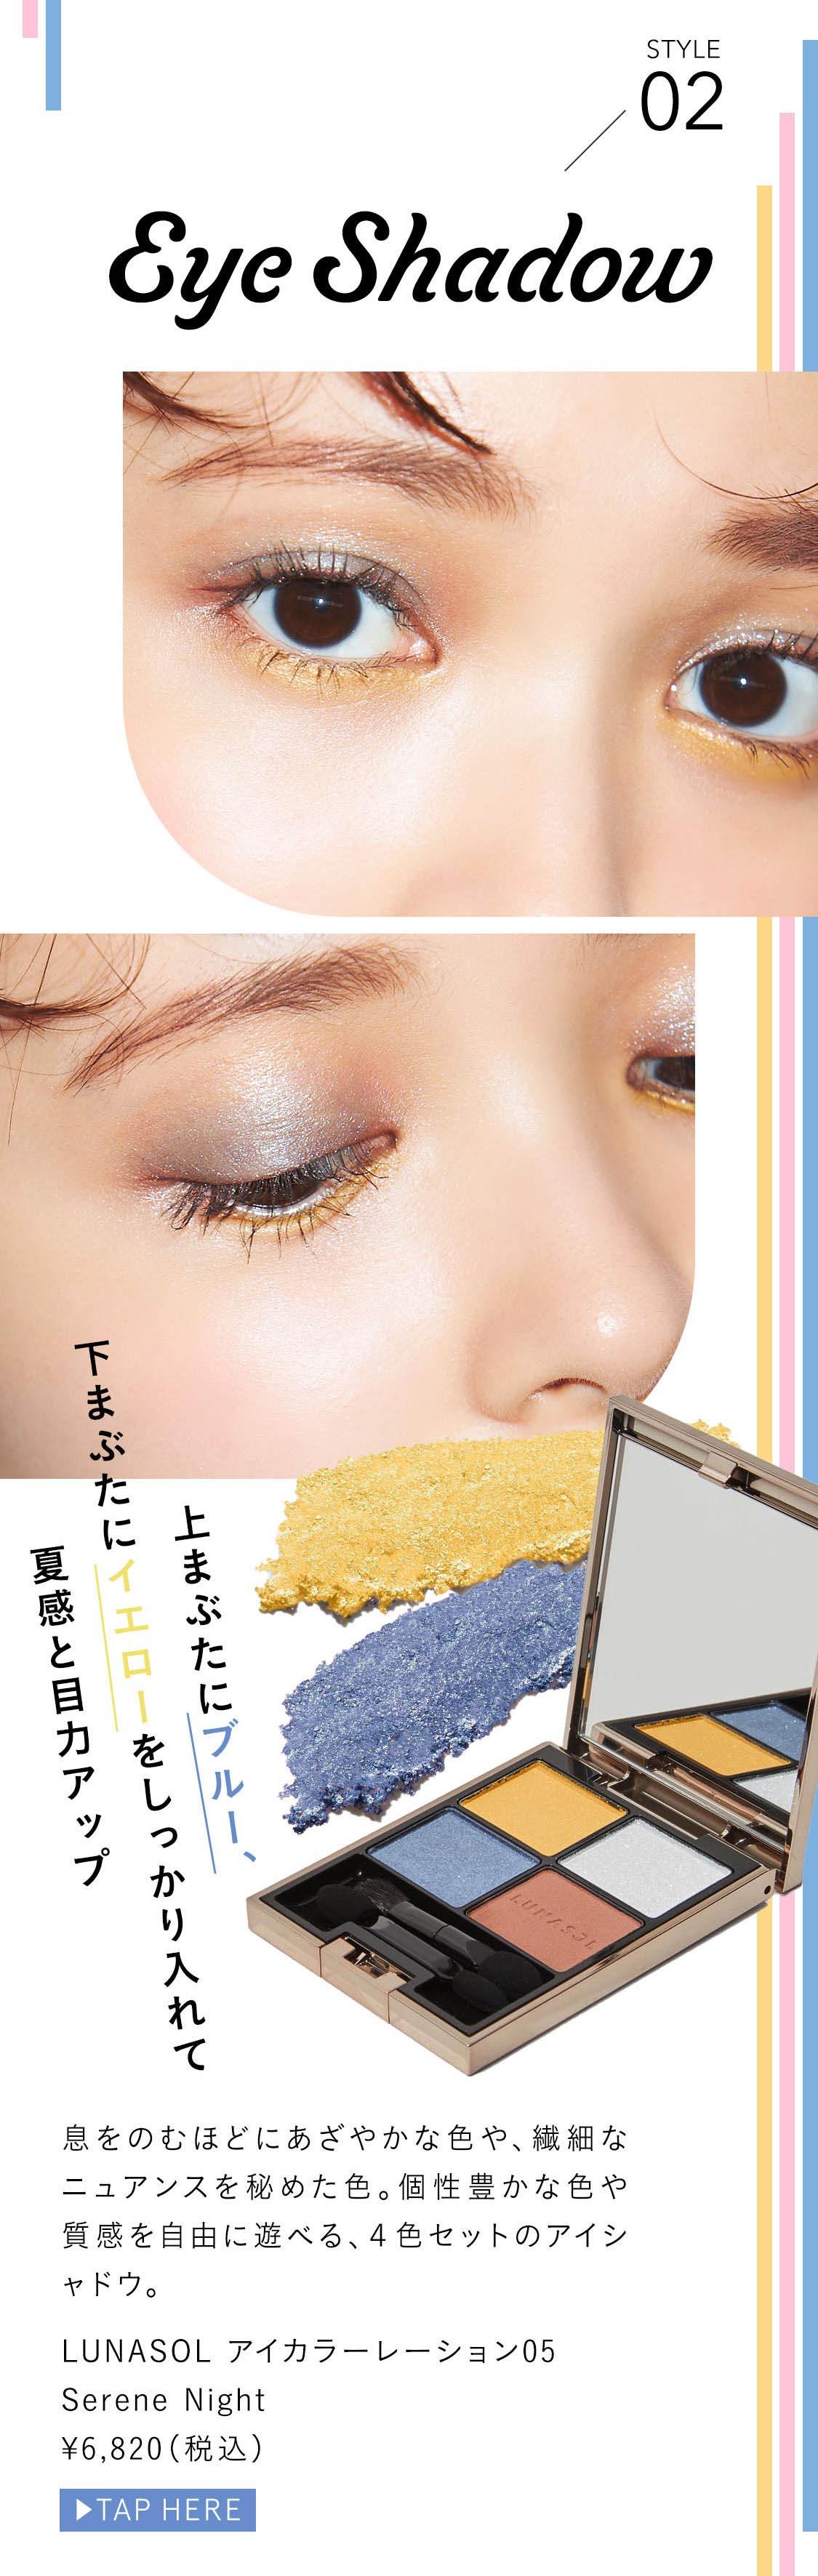 LUNASOL アイカラーレーション05 Serene Night ¥6,820(税込)